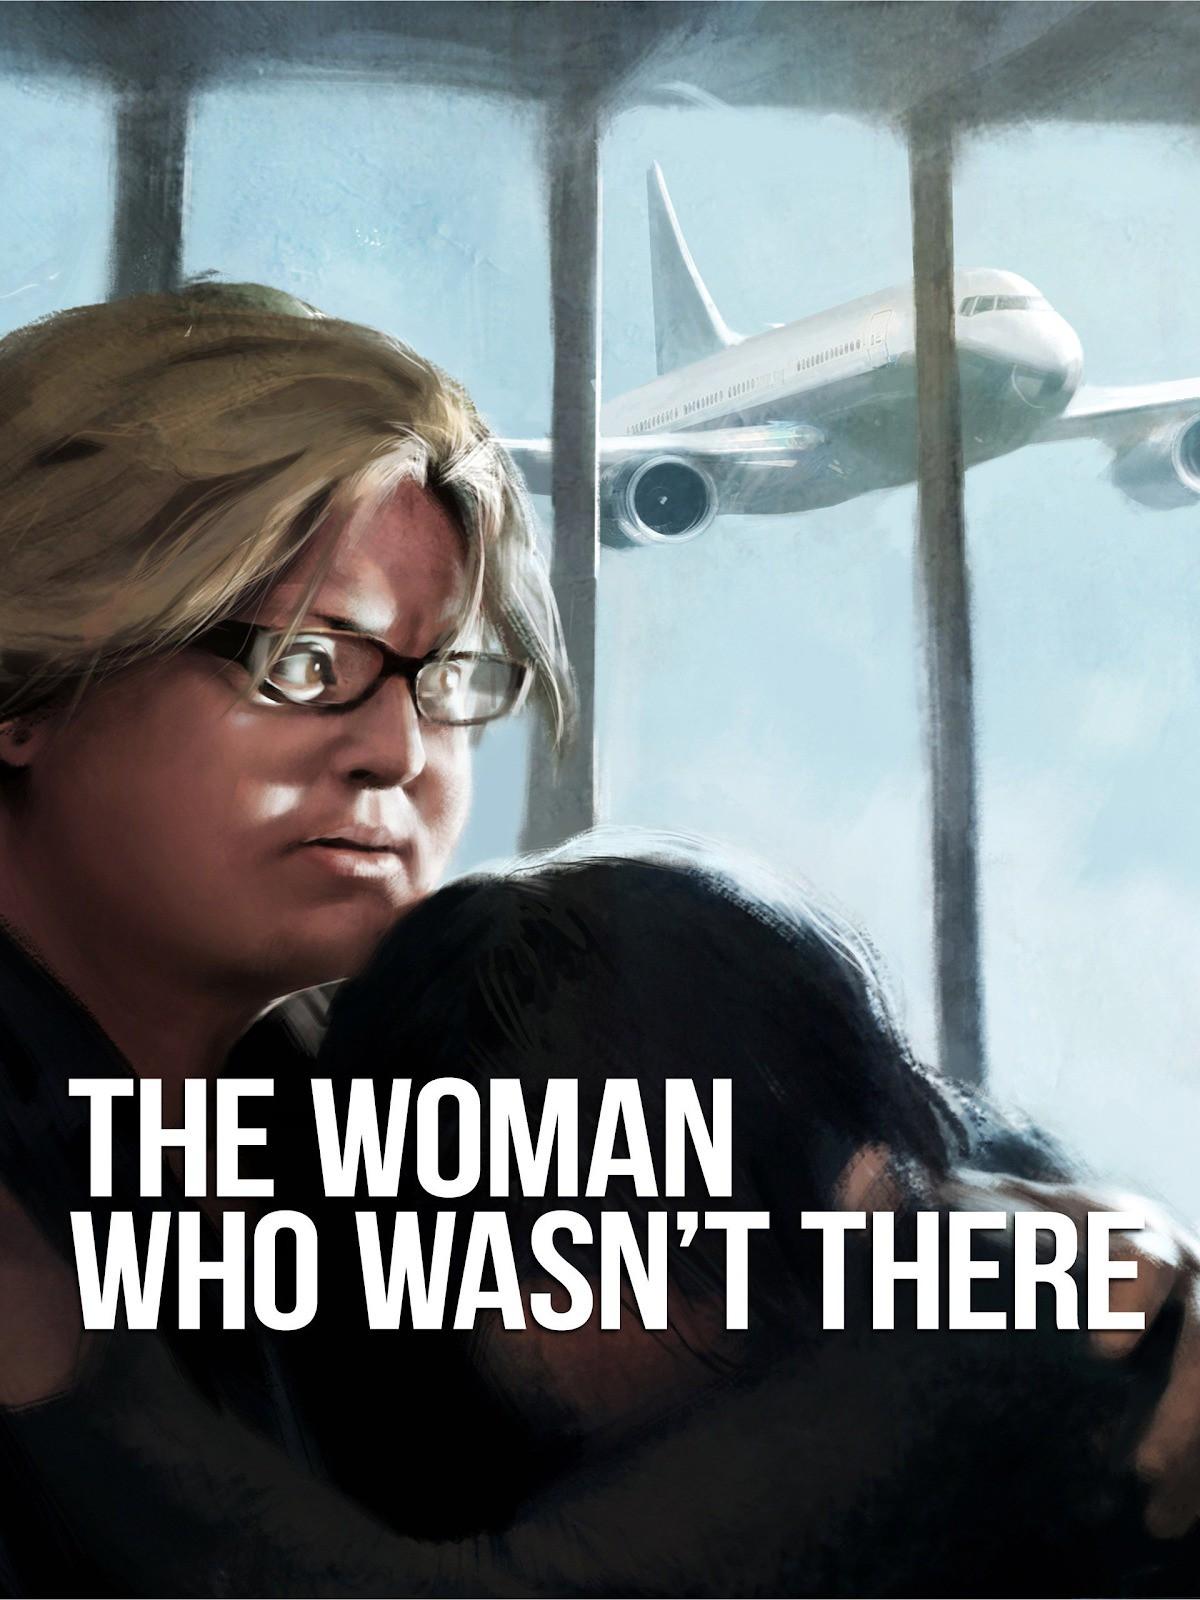 Lợi dụng vụ khủng bố 11/9, người đàn bà đánh lừa cả nước Mỹ trong suốt nhiều năm nhờ câu chuyện sống sót thần kỳ được thêu dệt bởi những lời nói dối - Ảnh 5.